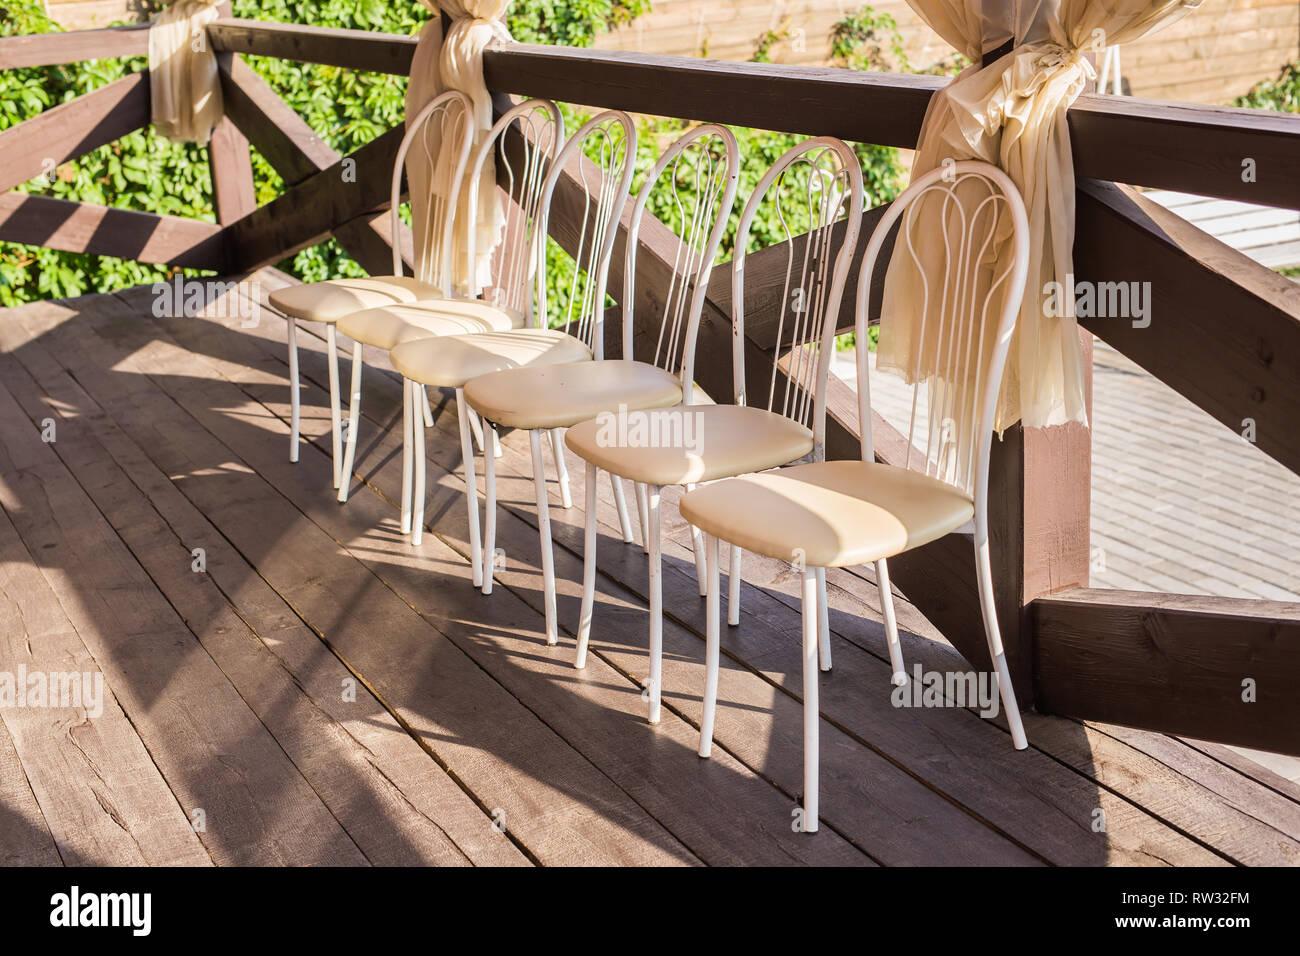 Interni e home concetto sei sedie bianche sulla veranda